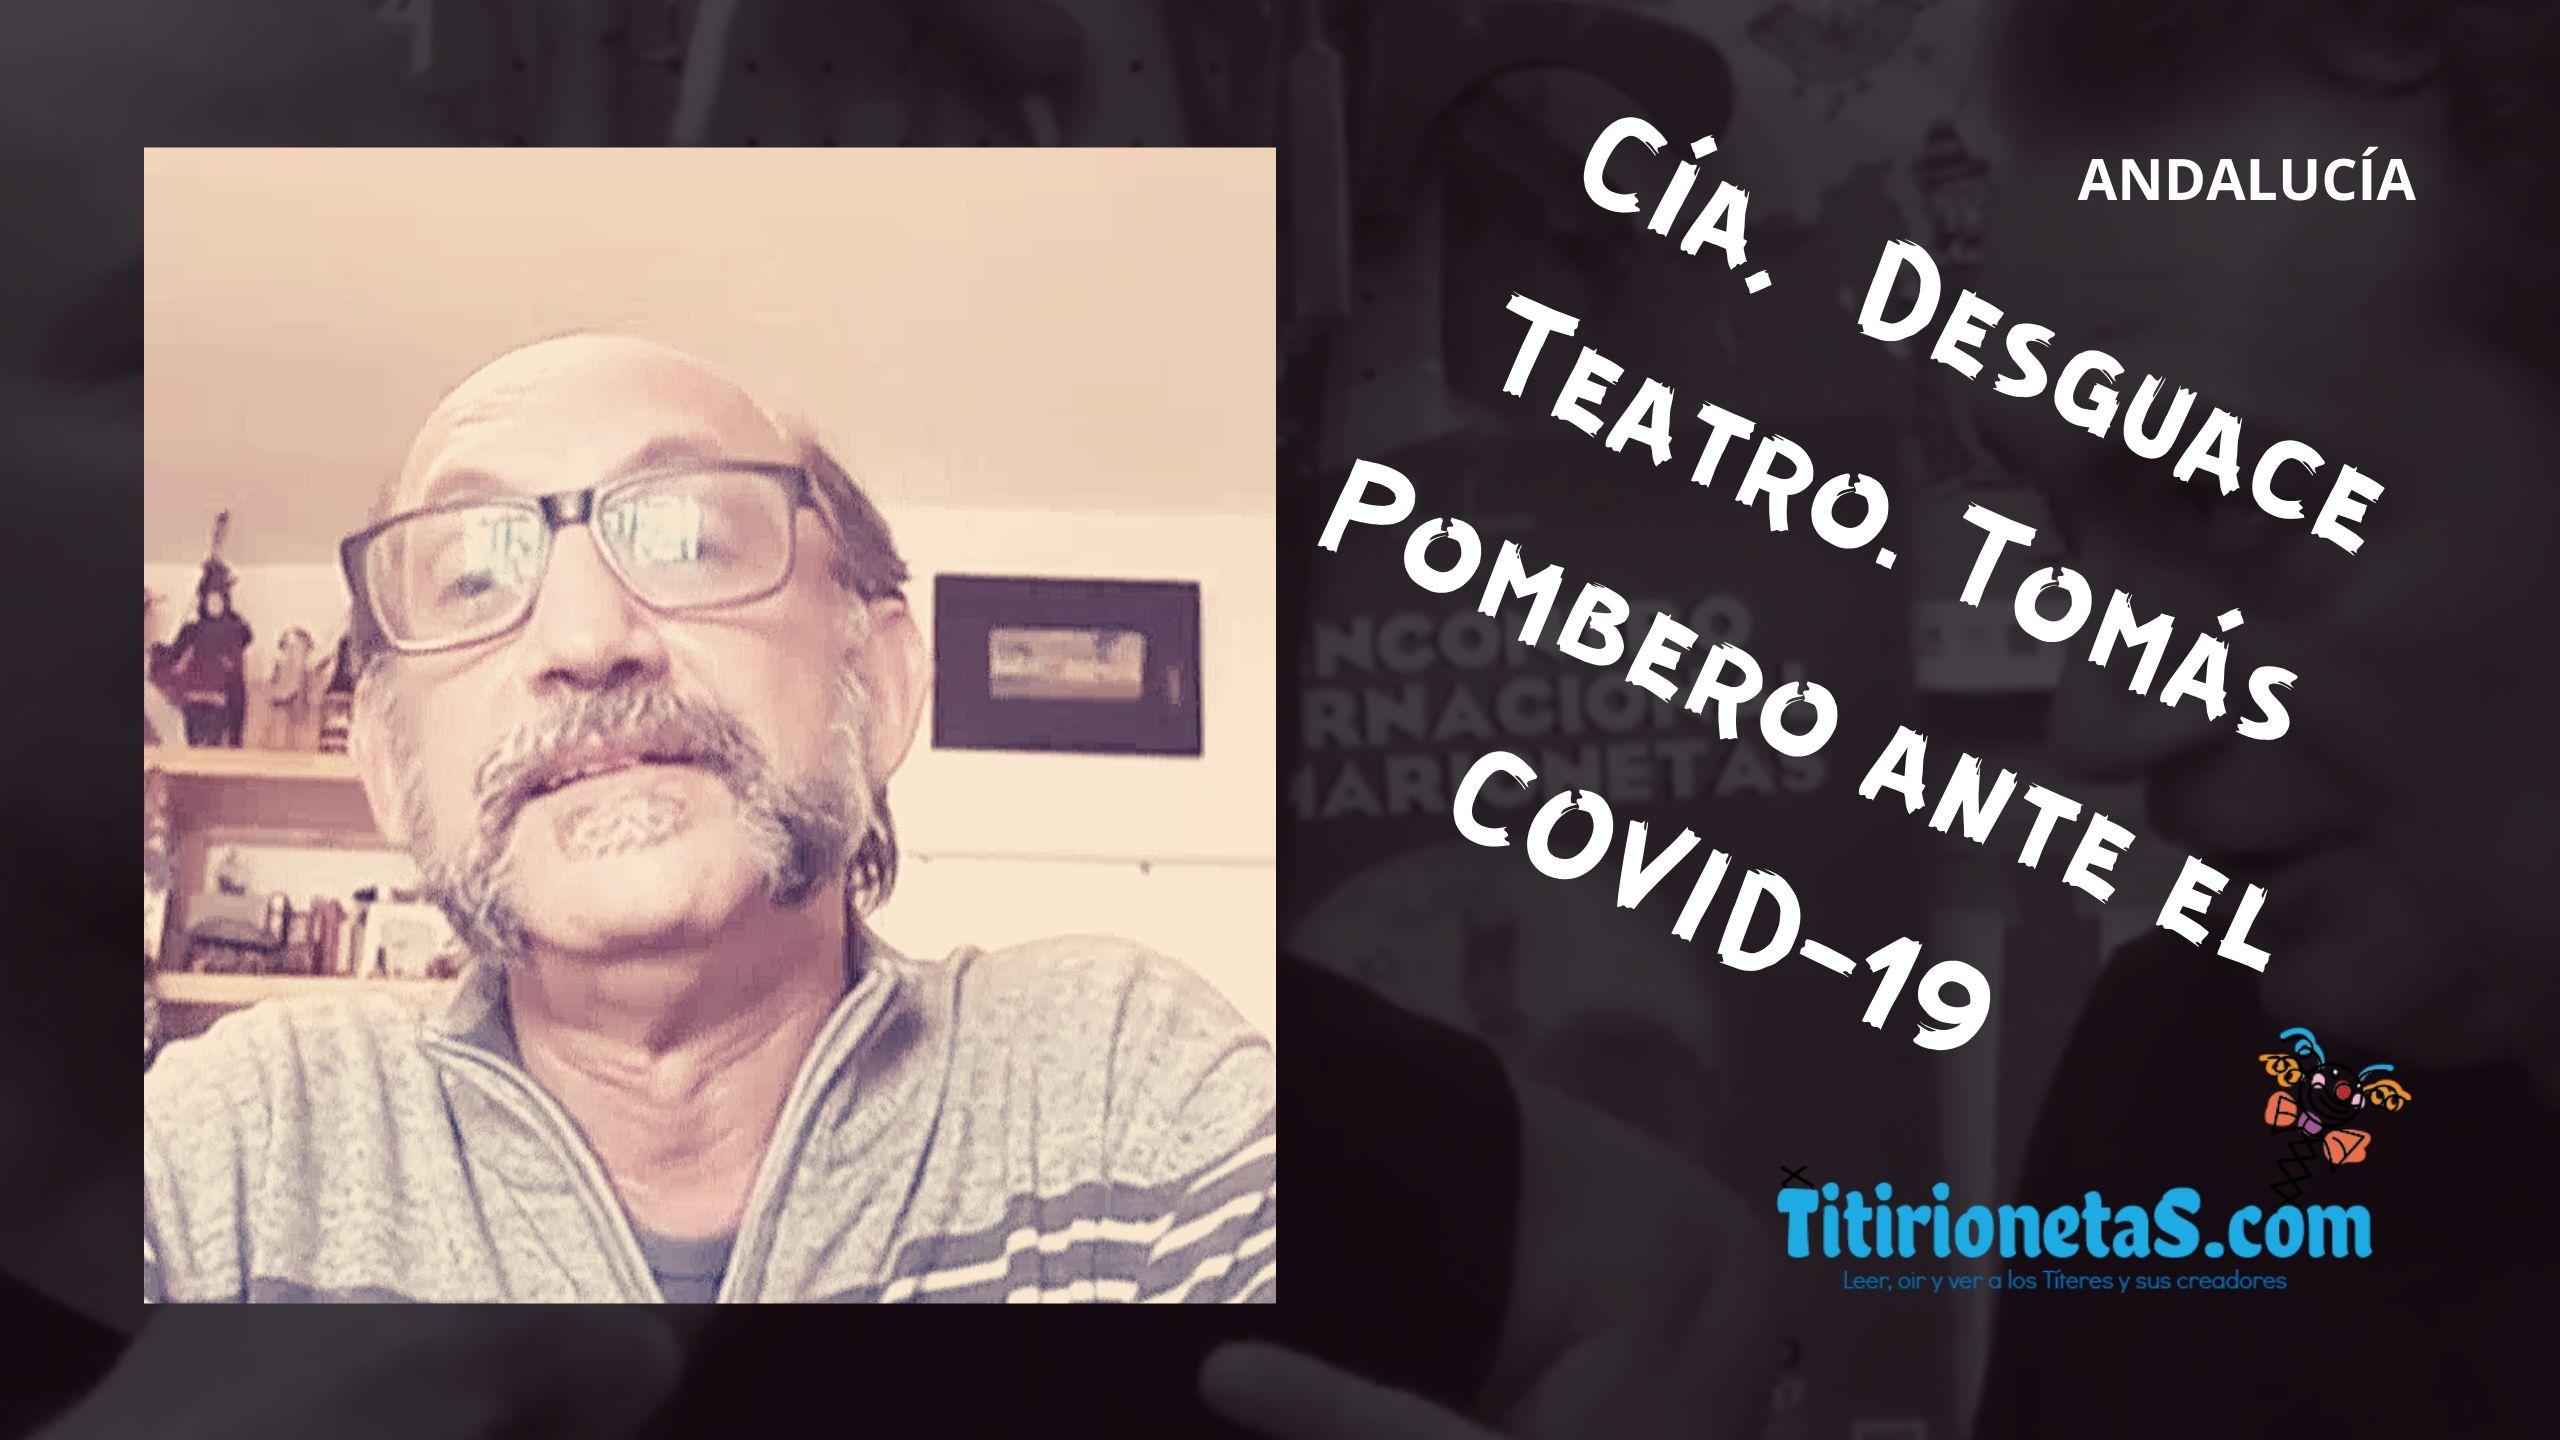 Cía. DESGUACE TEATRO. Tomás Pombero-Andalucía ante el COVID-19